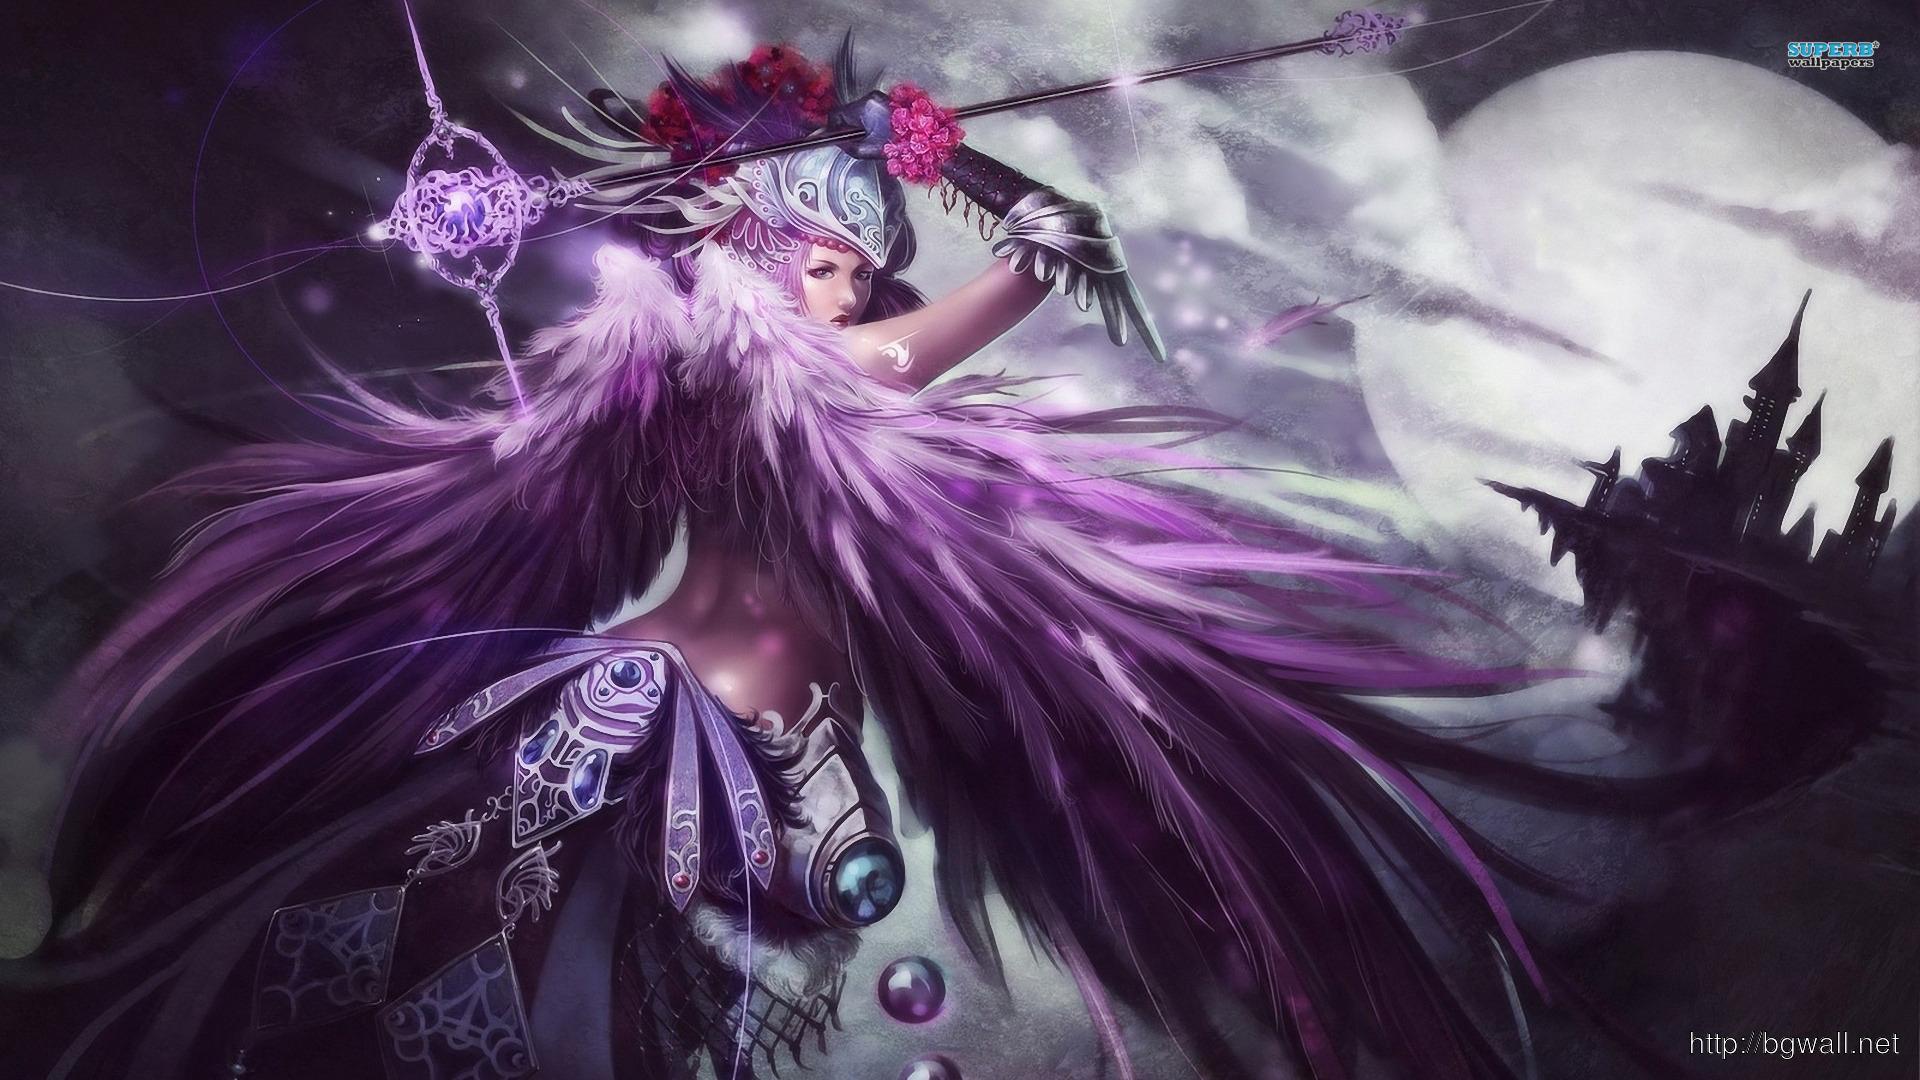 Warrior Angel Wallpaper Full Size